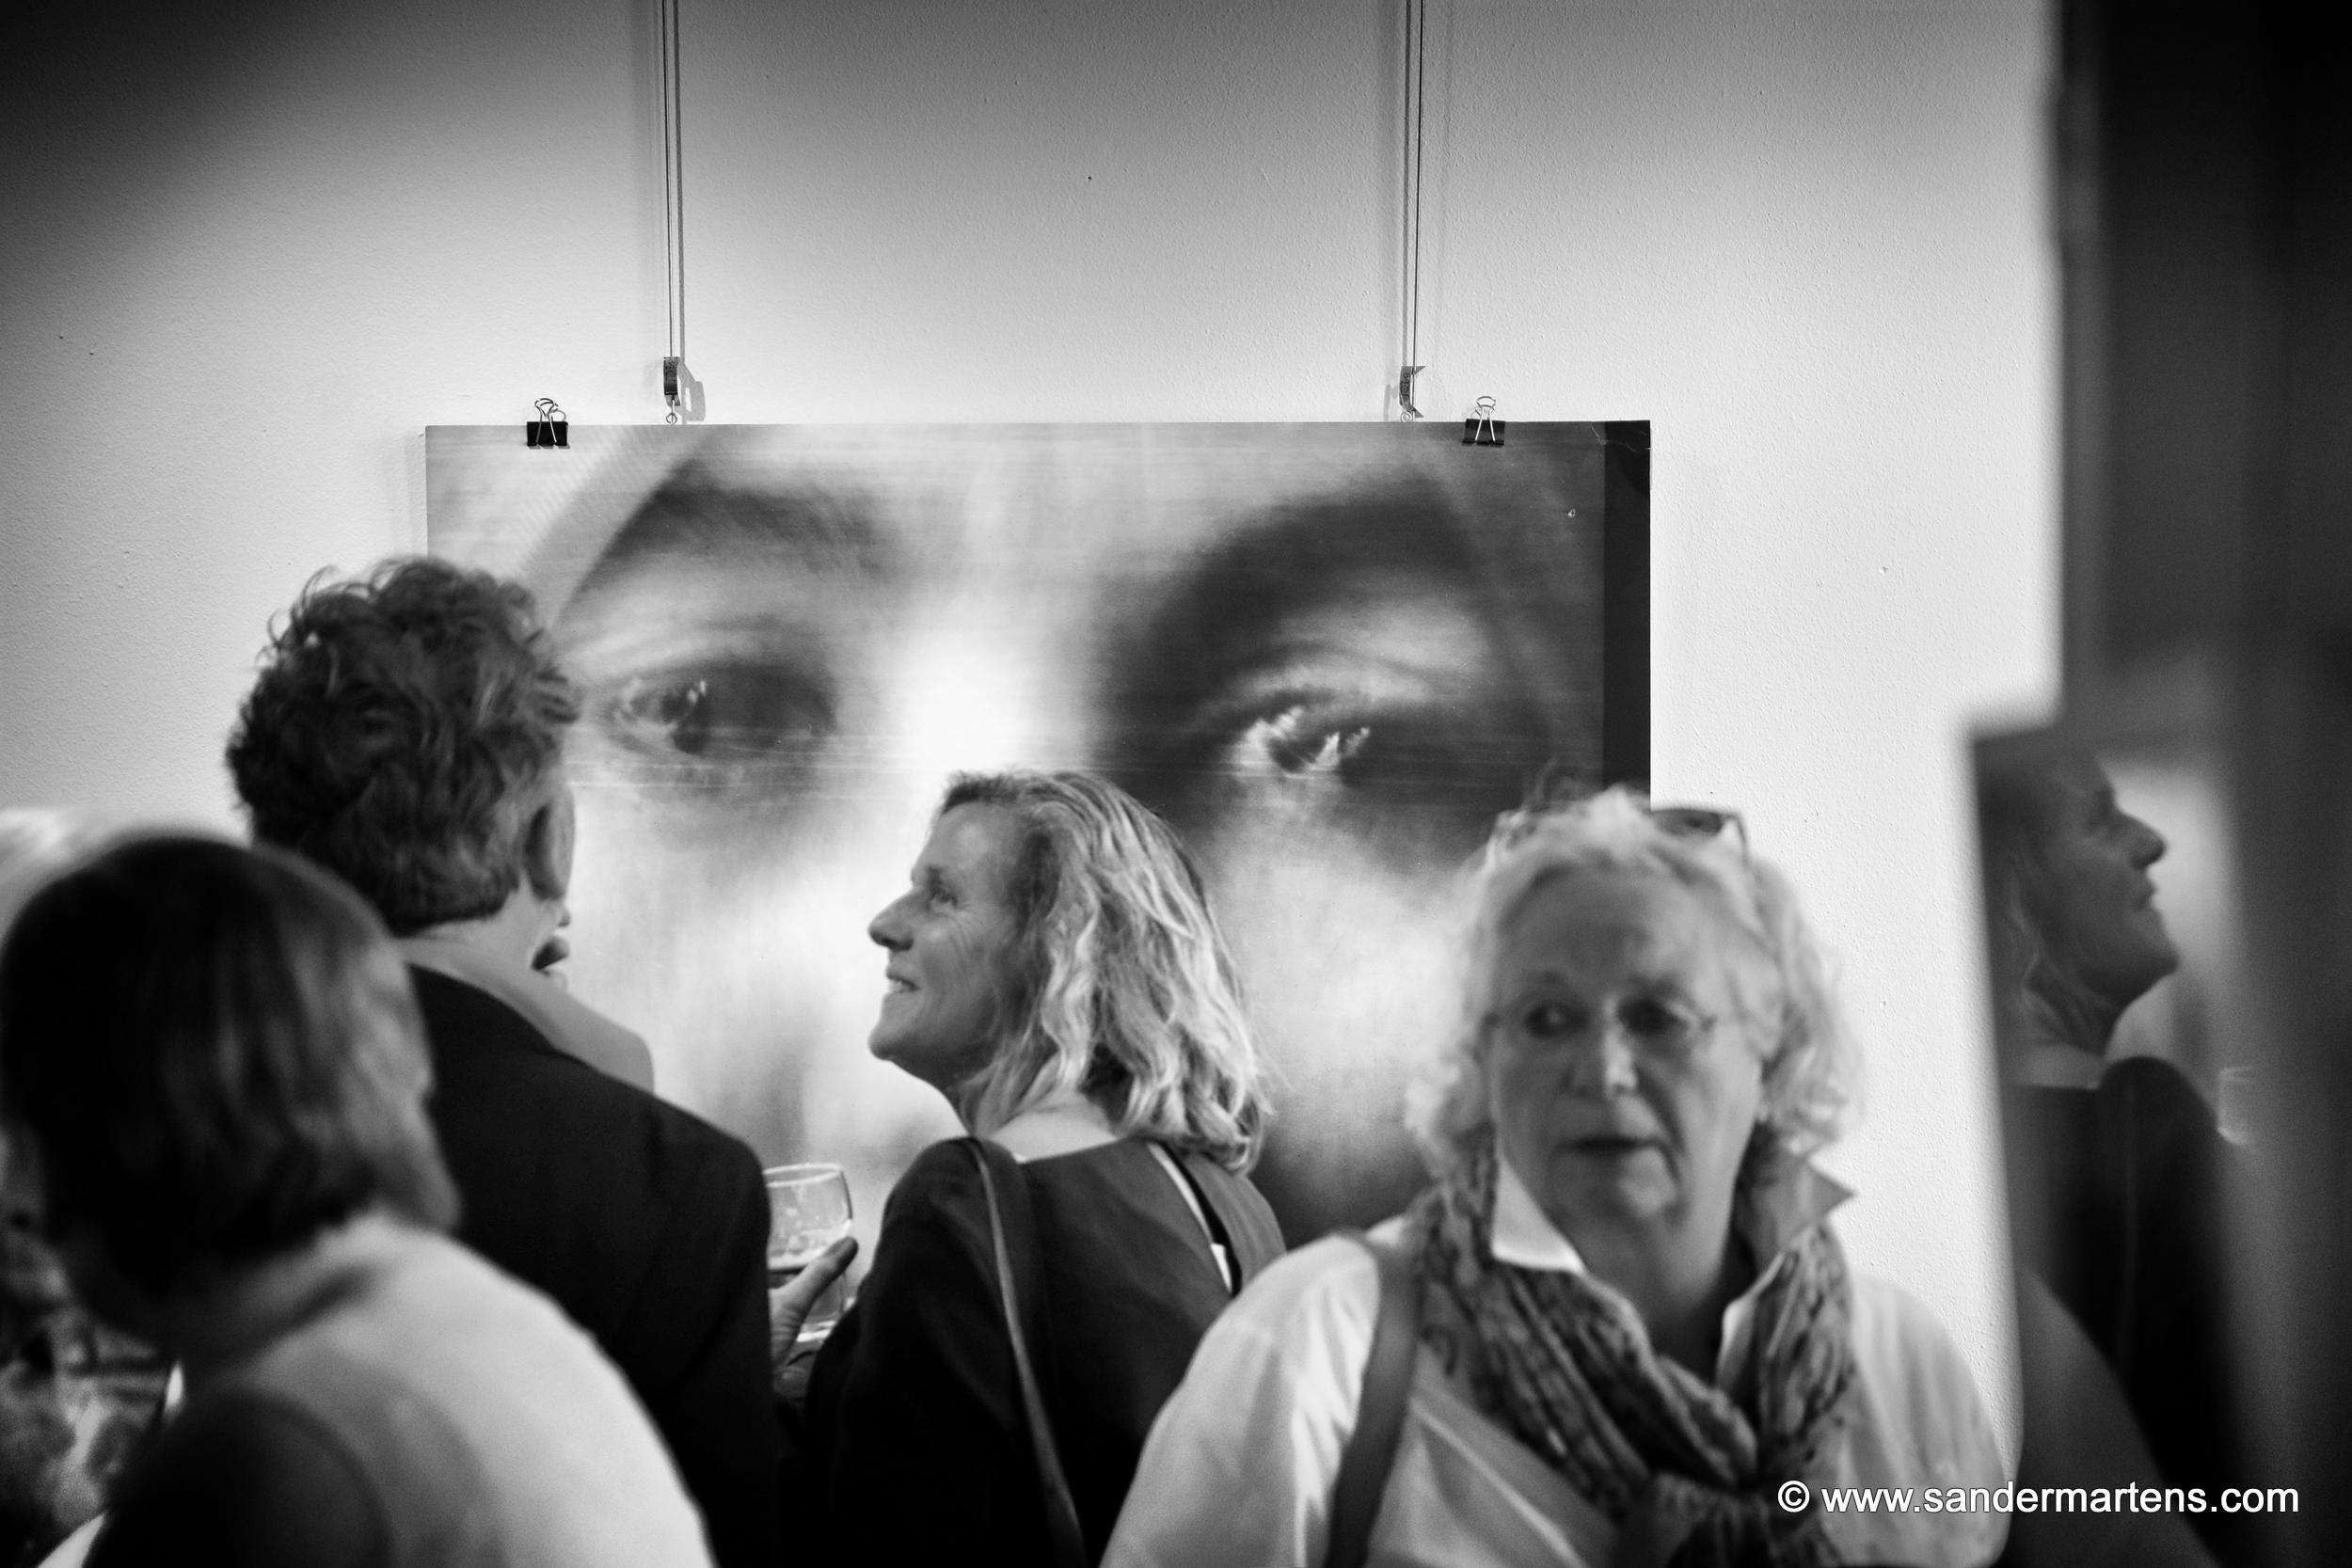 © Sander Martens